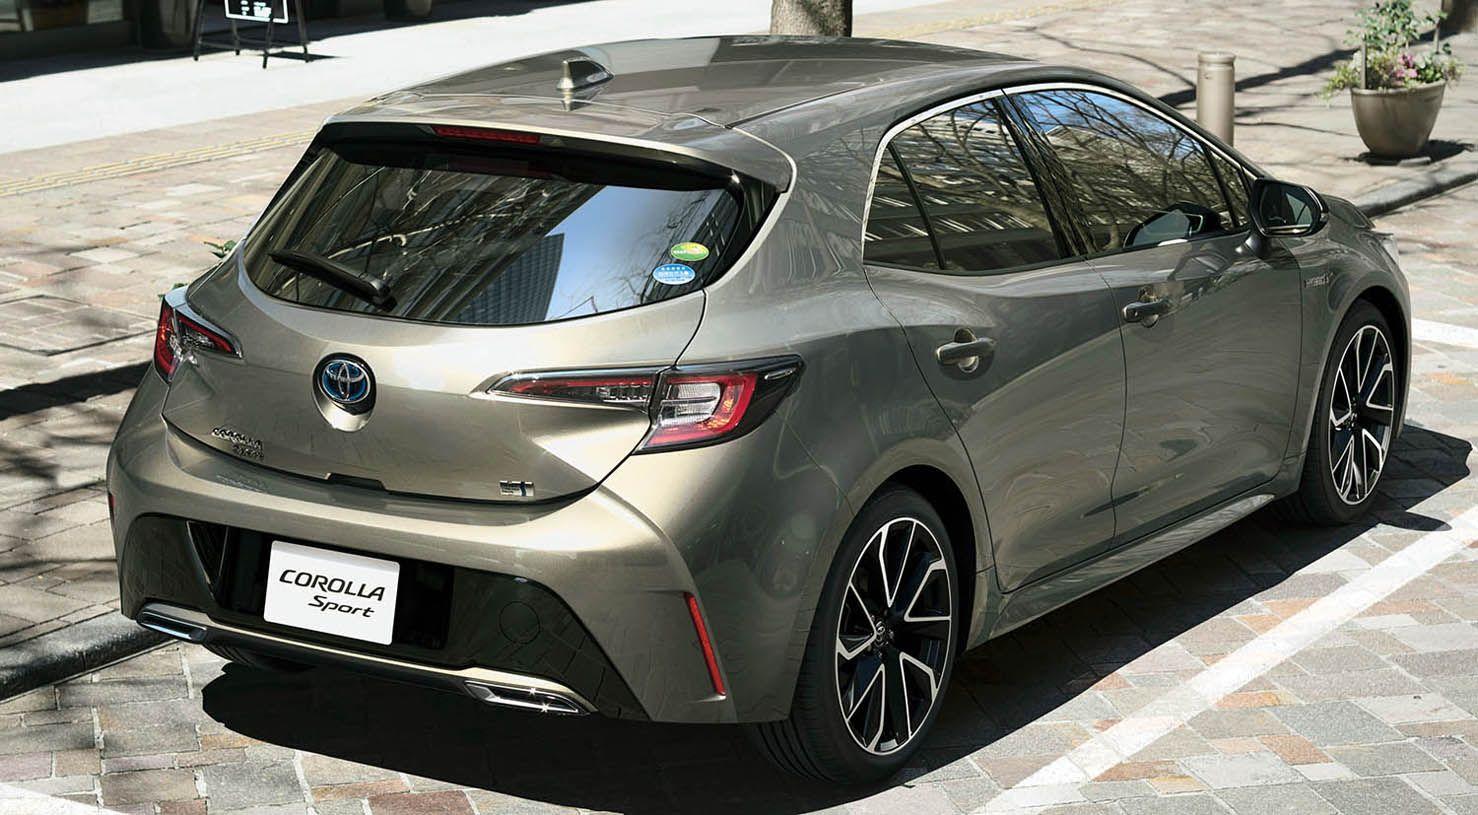 تويوتا كورولا هاتشباك 2019 الجديدة كليا أناقة استثنائية لسيارة لا ت قه ر موقع ويلز Toyota Corolla Hatchback Corolla Hatchback Toyota Corolla